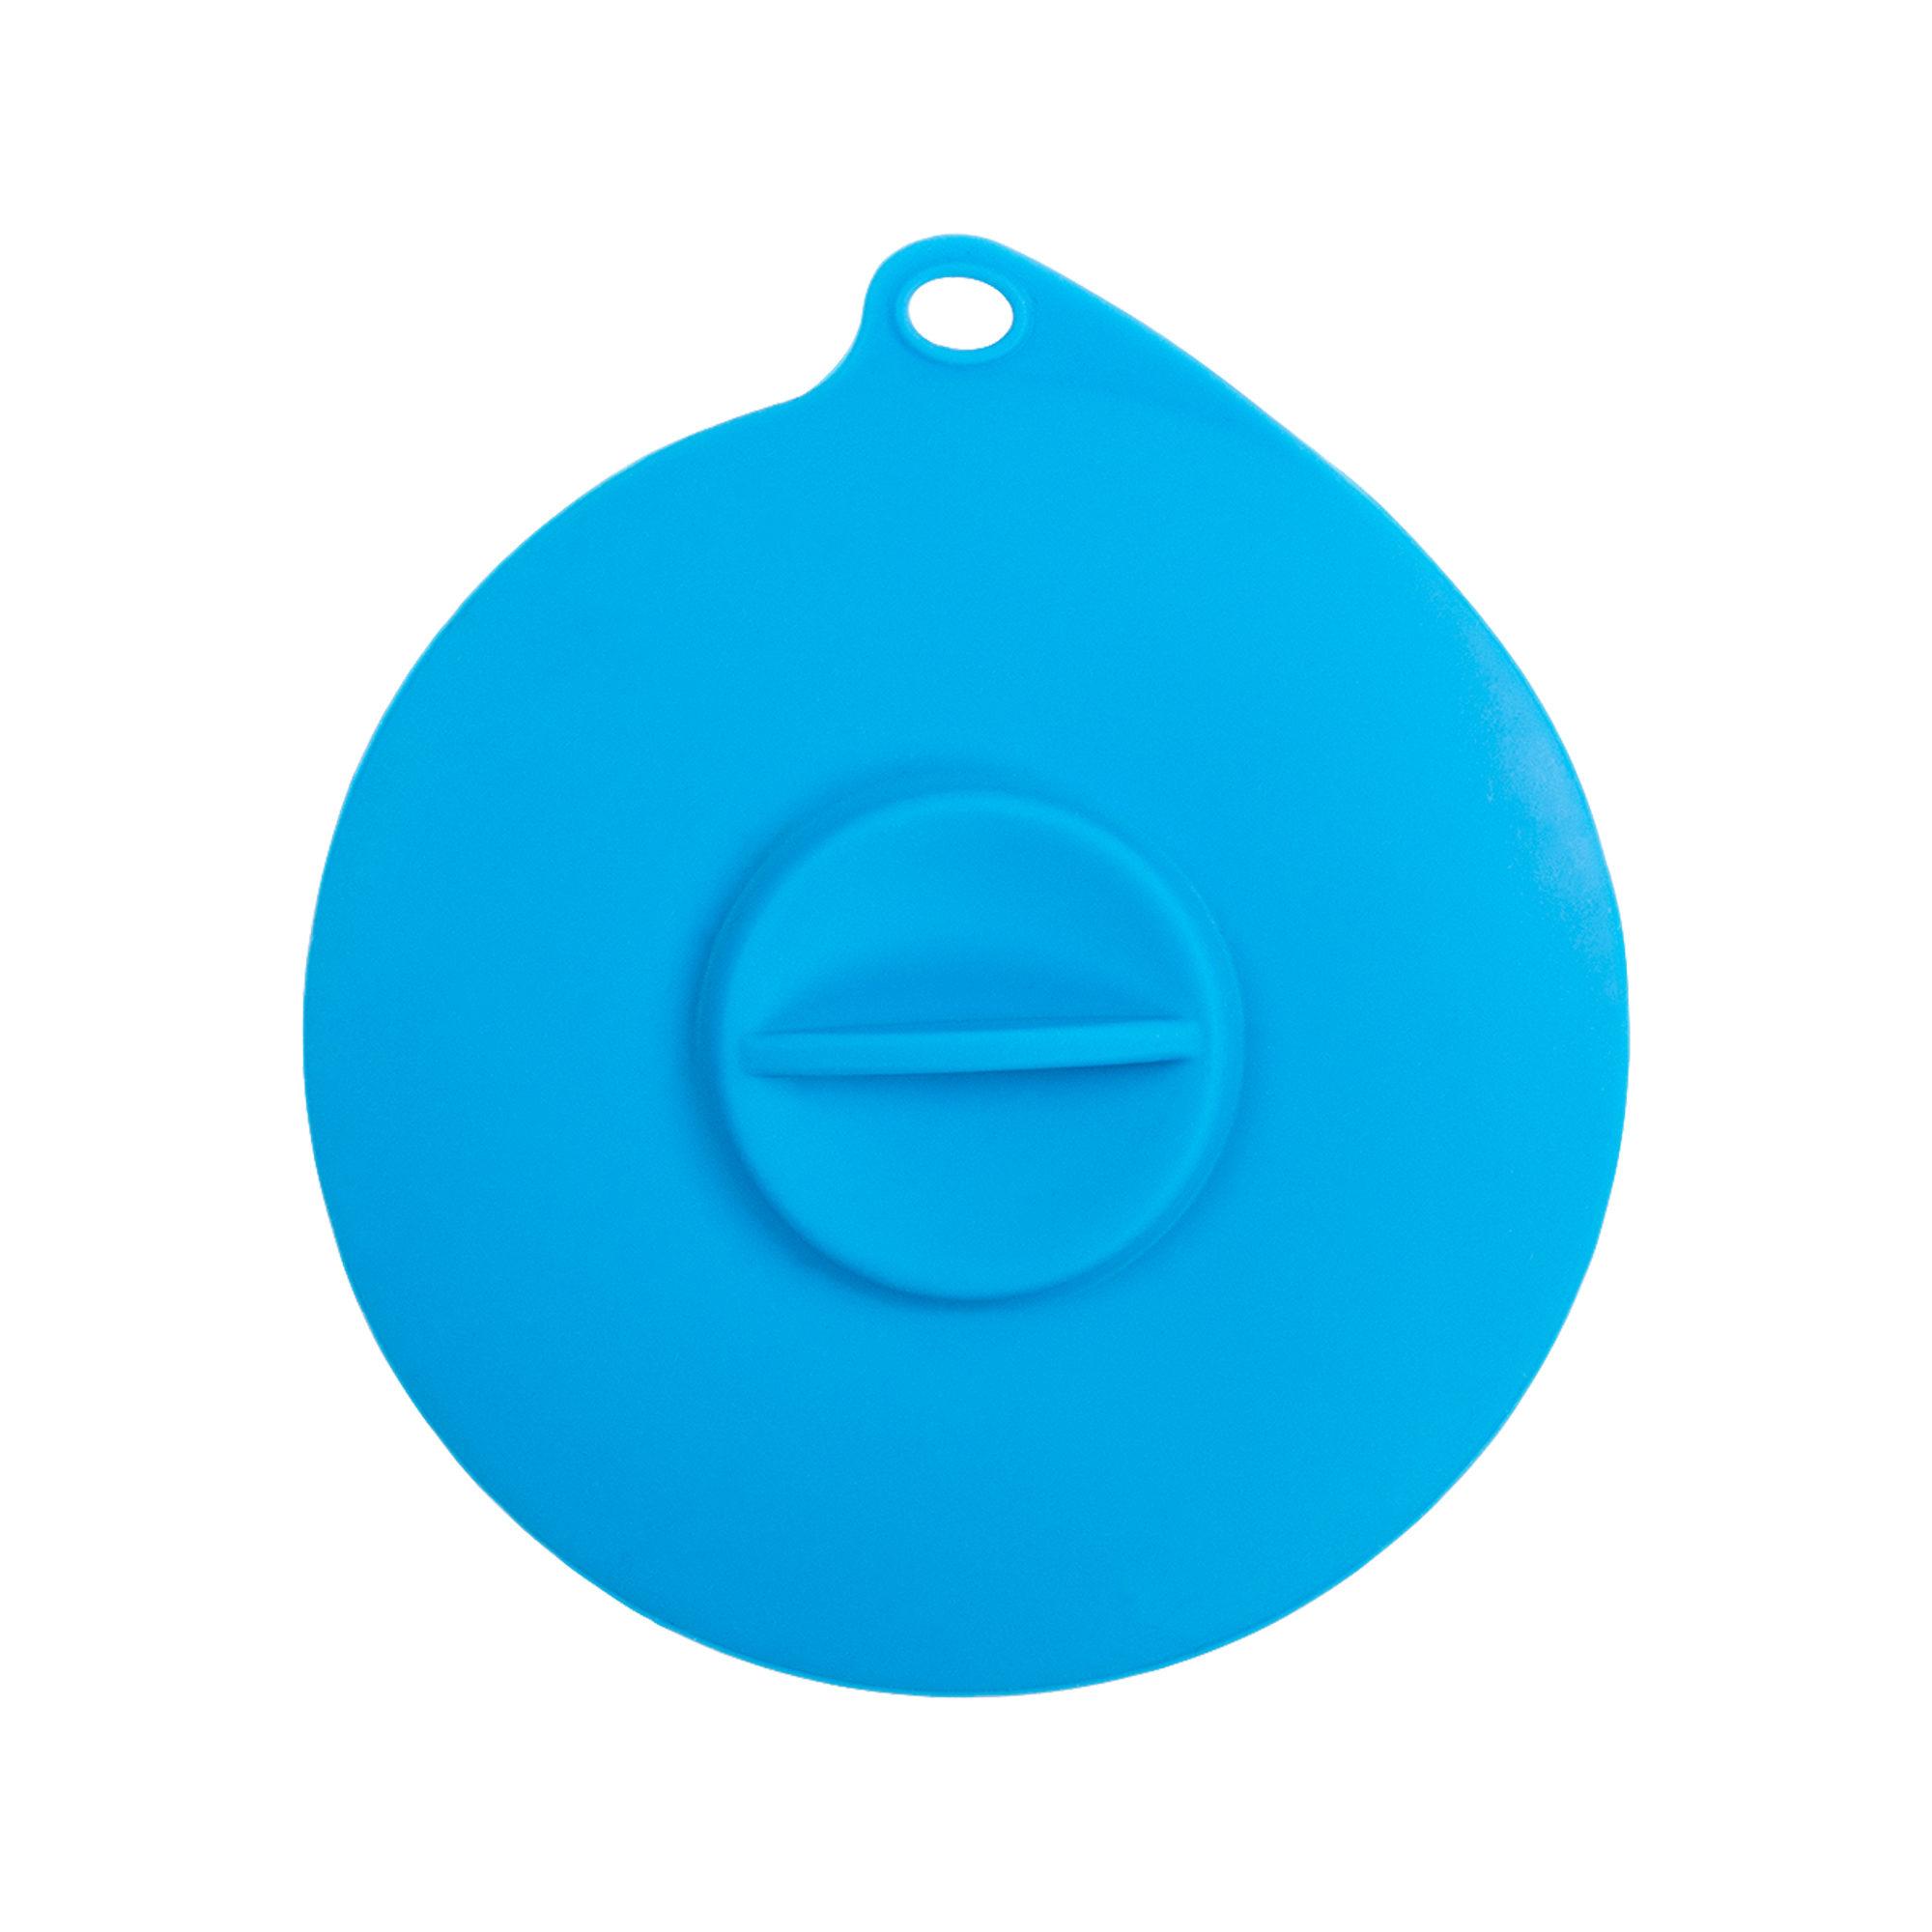 Popware - Flexible Suction Lid - Pro Blue